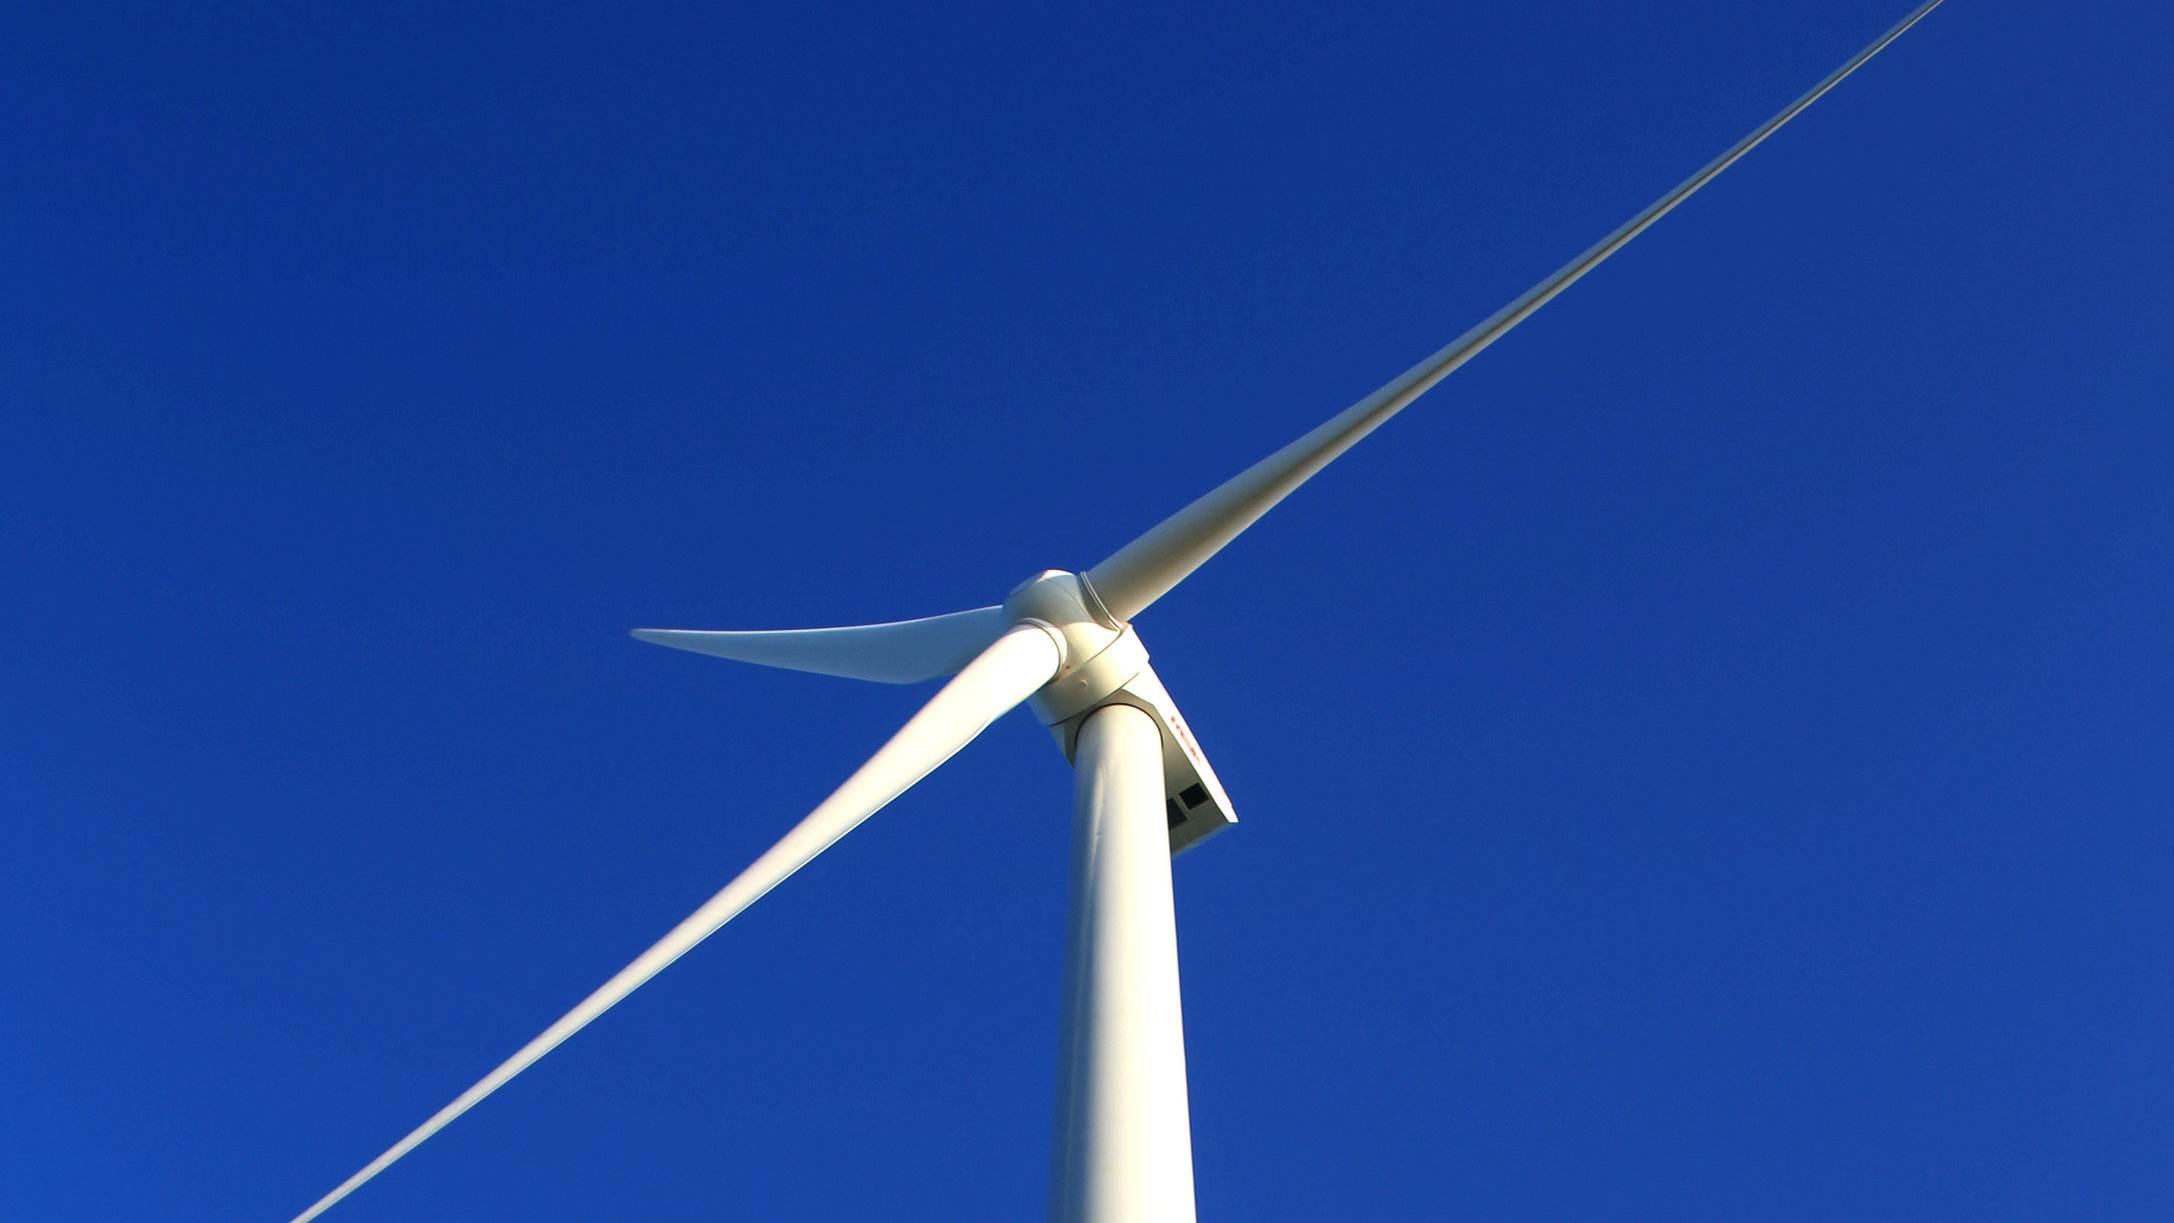 世界五大风电机组设备制造商初步排名公布